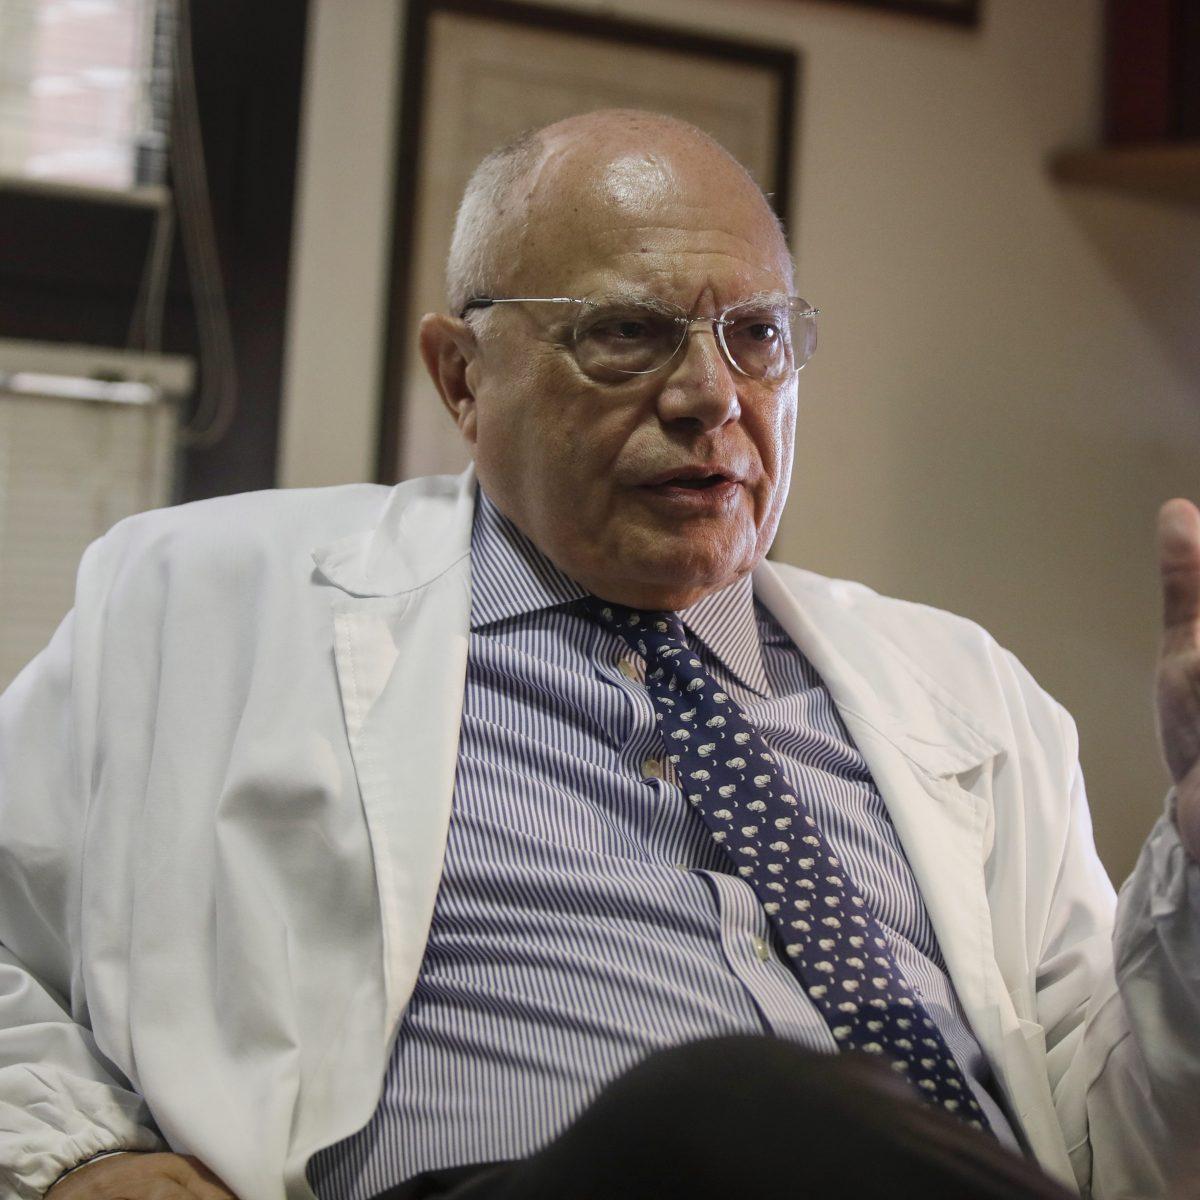 Il professor Galli: Ho 69 anni ma il vaccino antinfluenzale non è arrivato,  ritardo inconcepibile